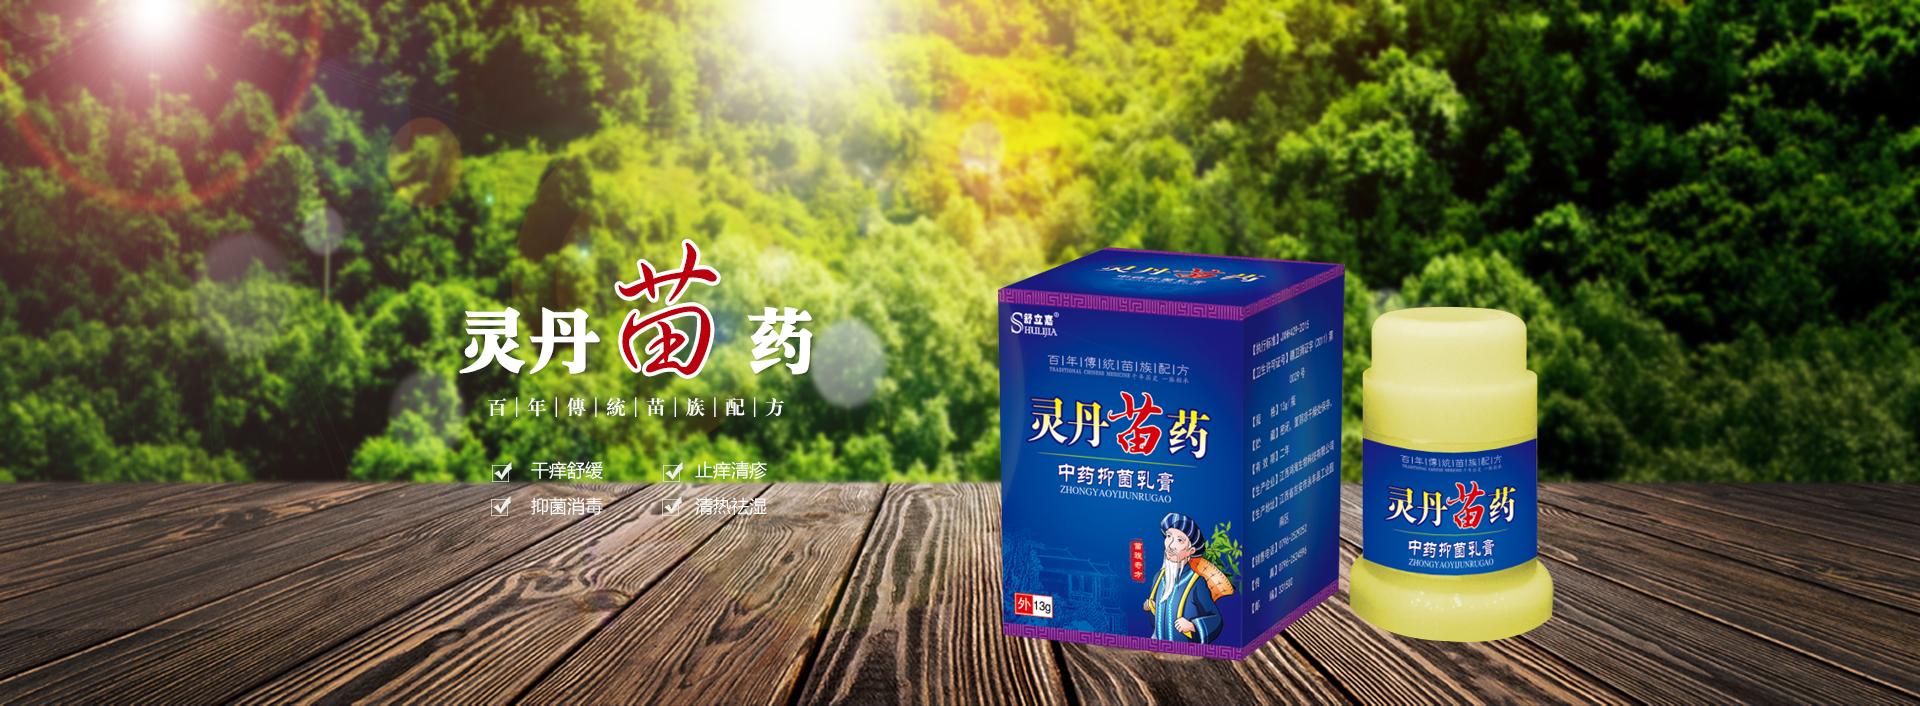 灵丹苗药中药抑菌竞技宝官网入口